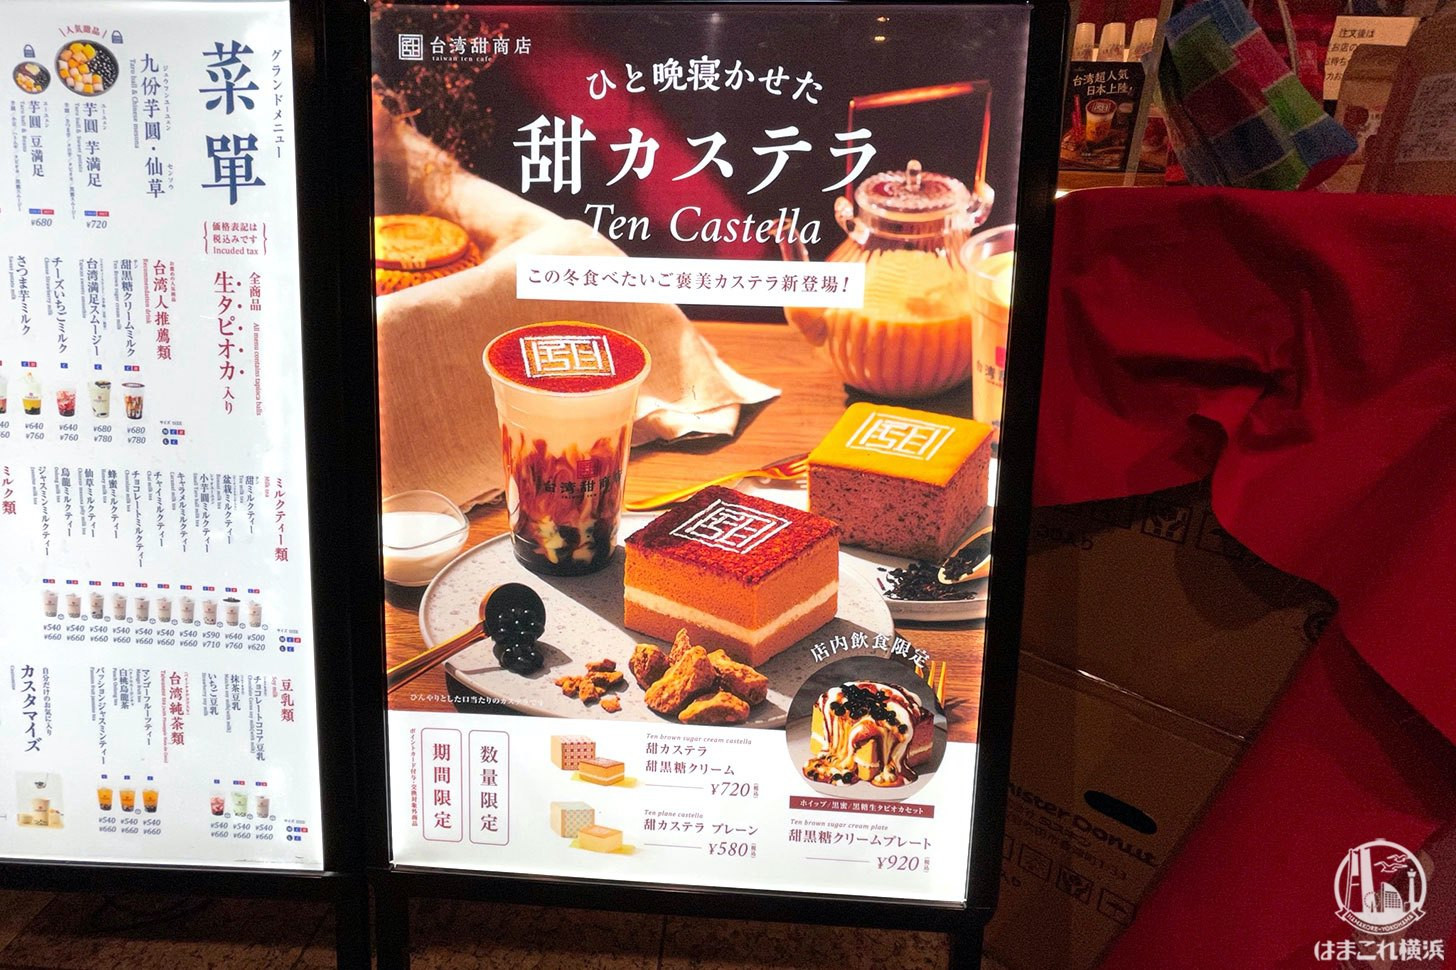 台湾甜商店 横浜みなとみらい店 メニュー